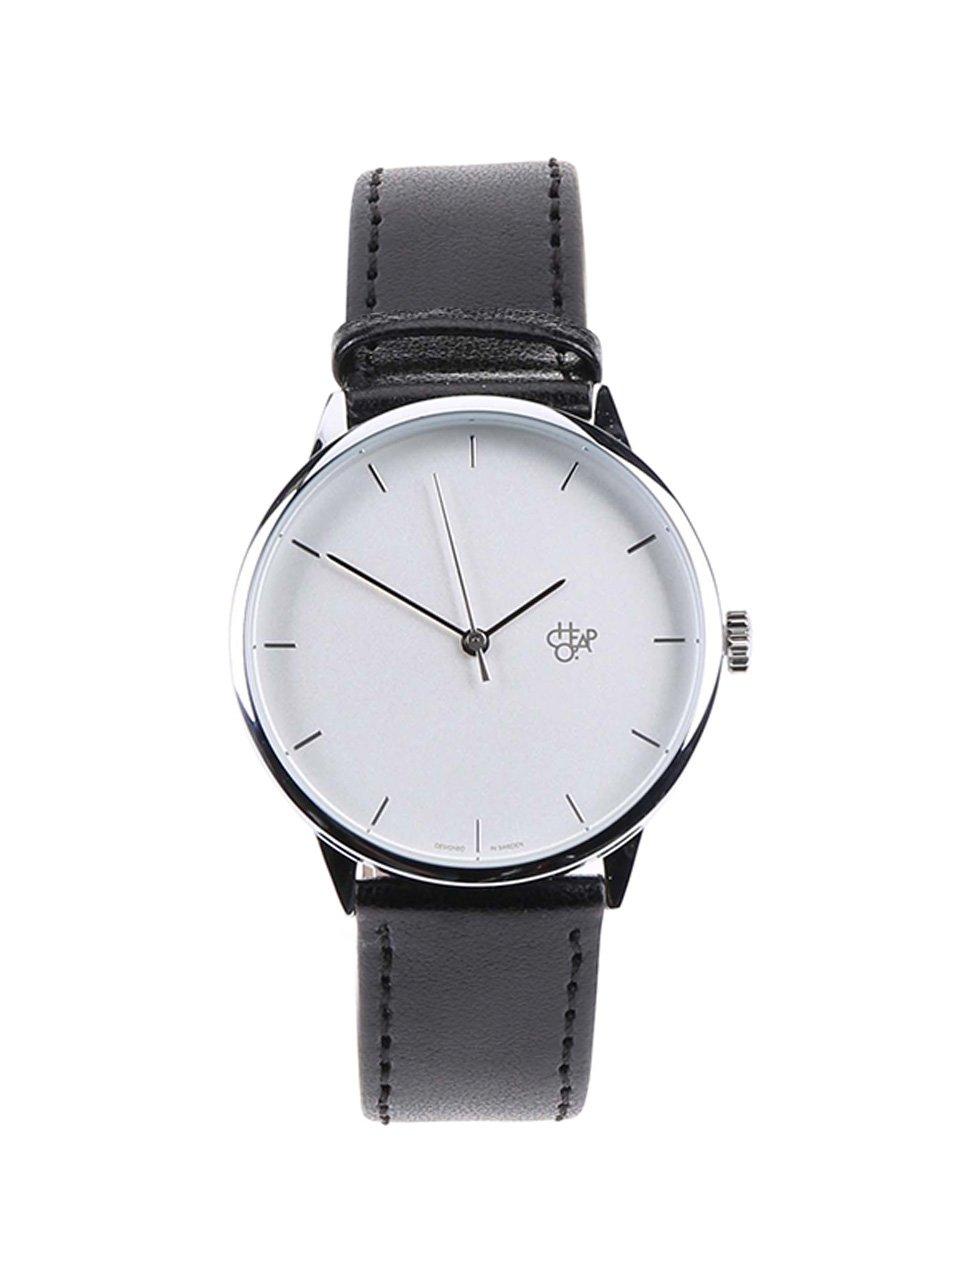 Unisex hodinky ve stříbrné barvě s černým koženkovým páskem Cheapo Khorshid Silver